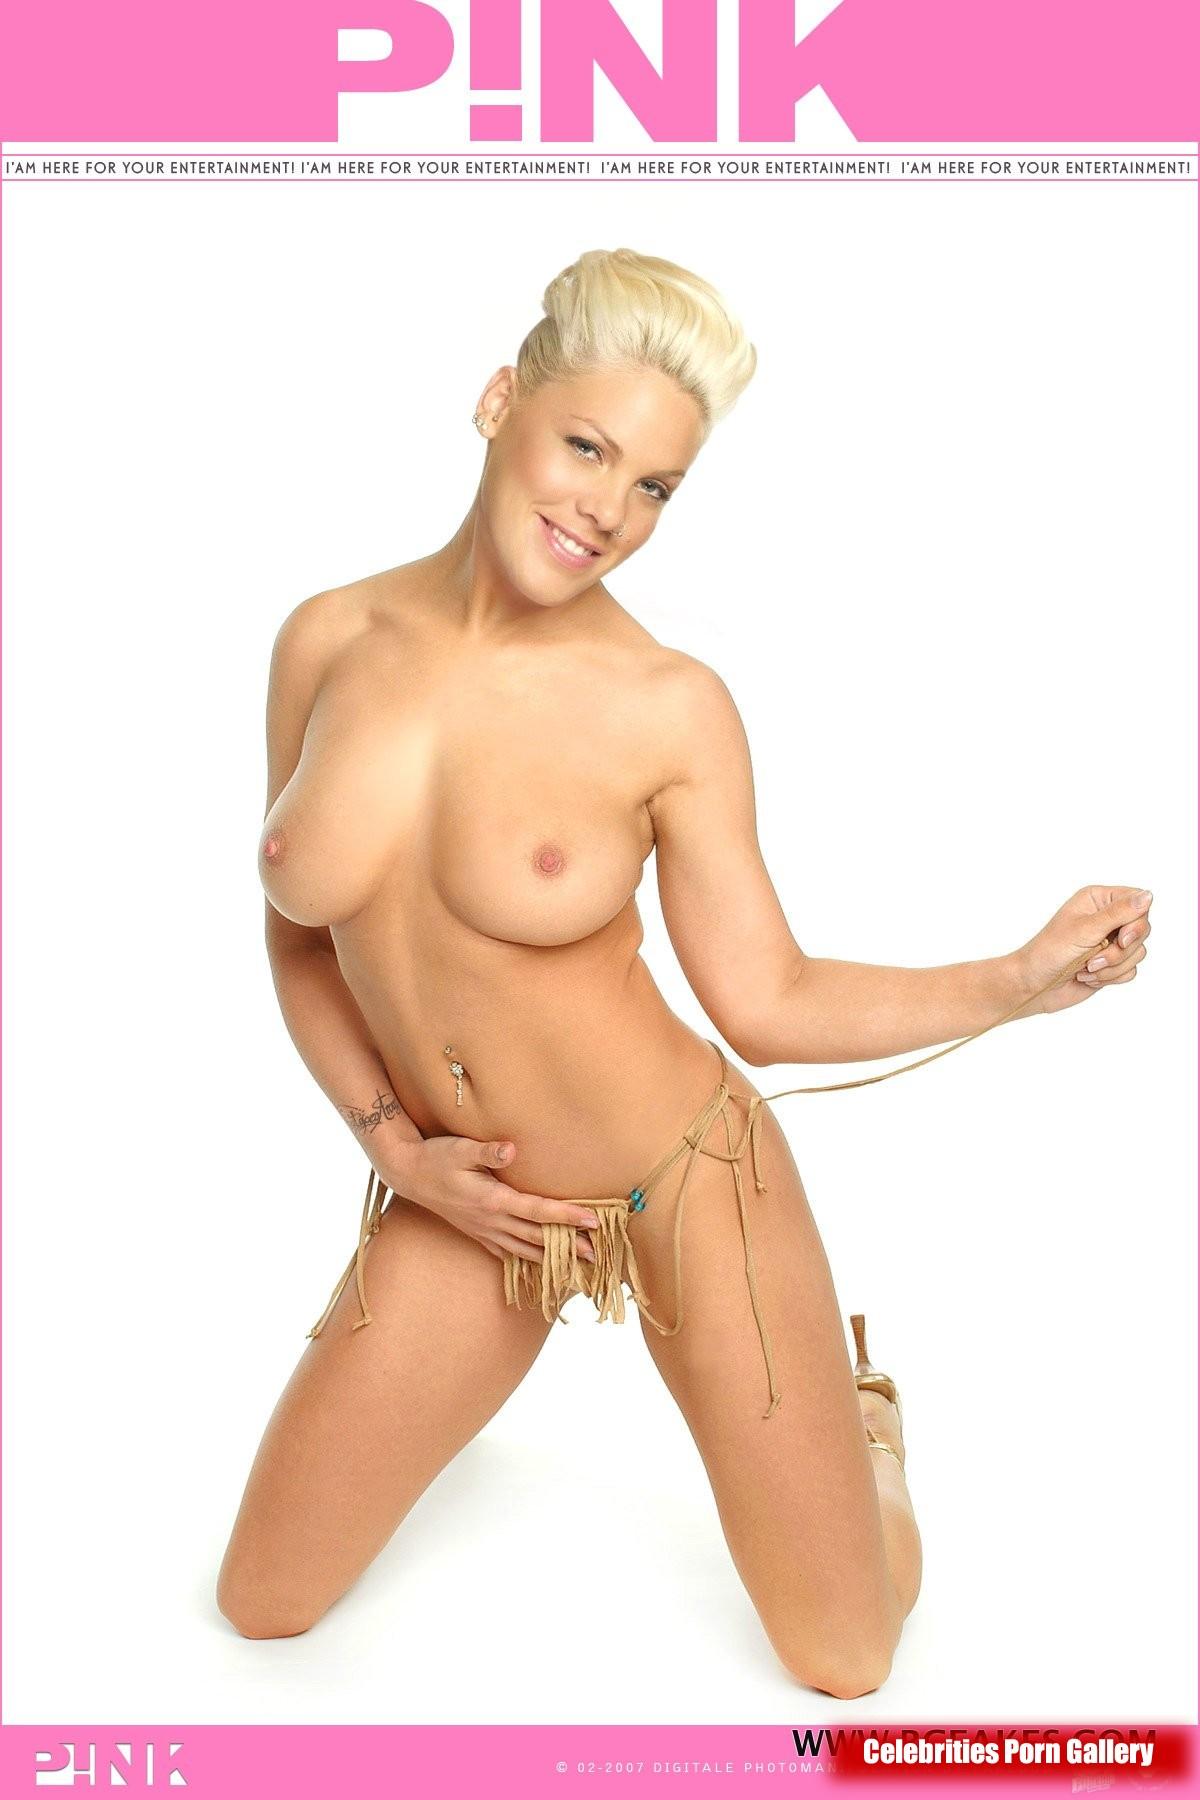 Porno Pink